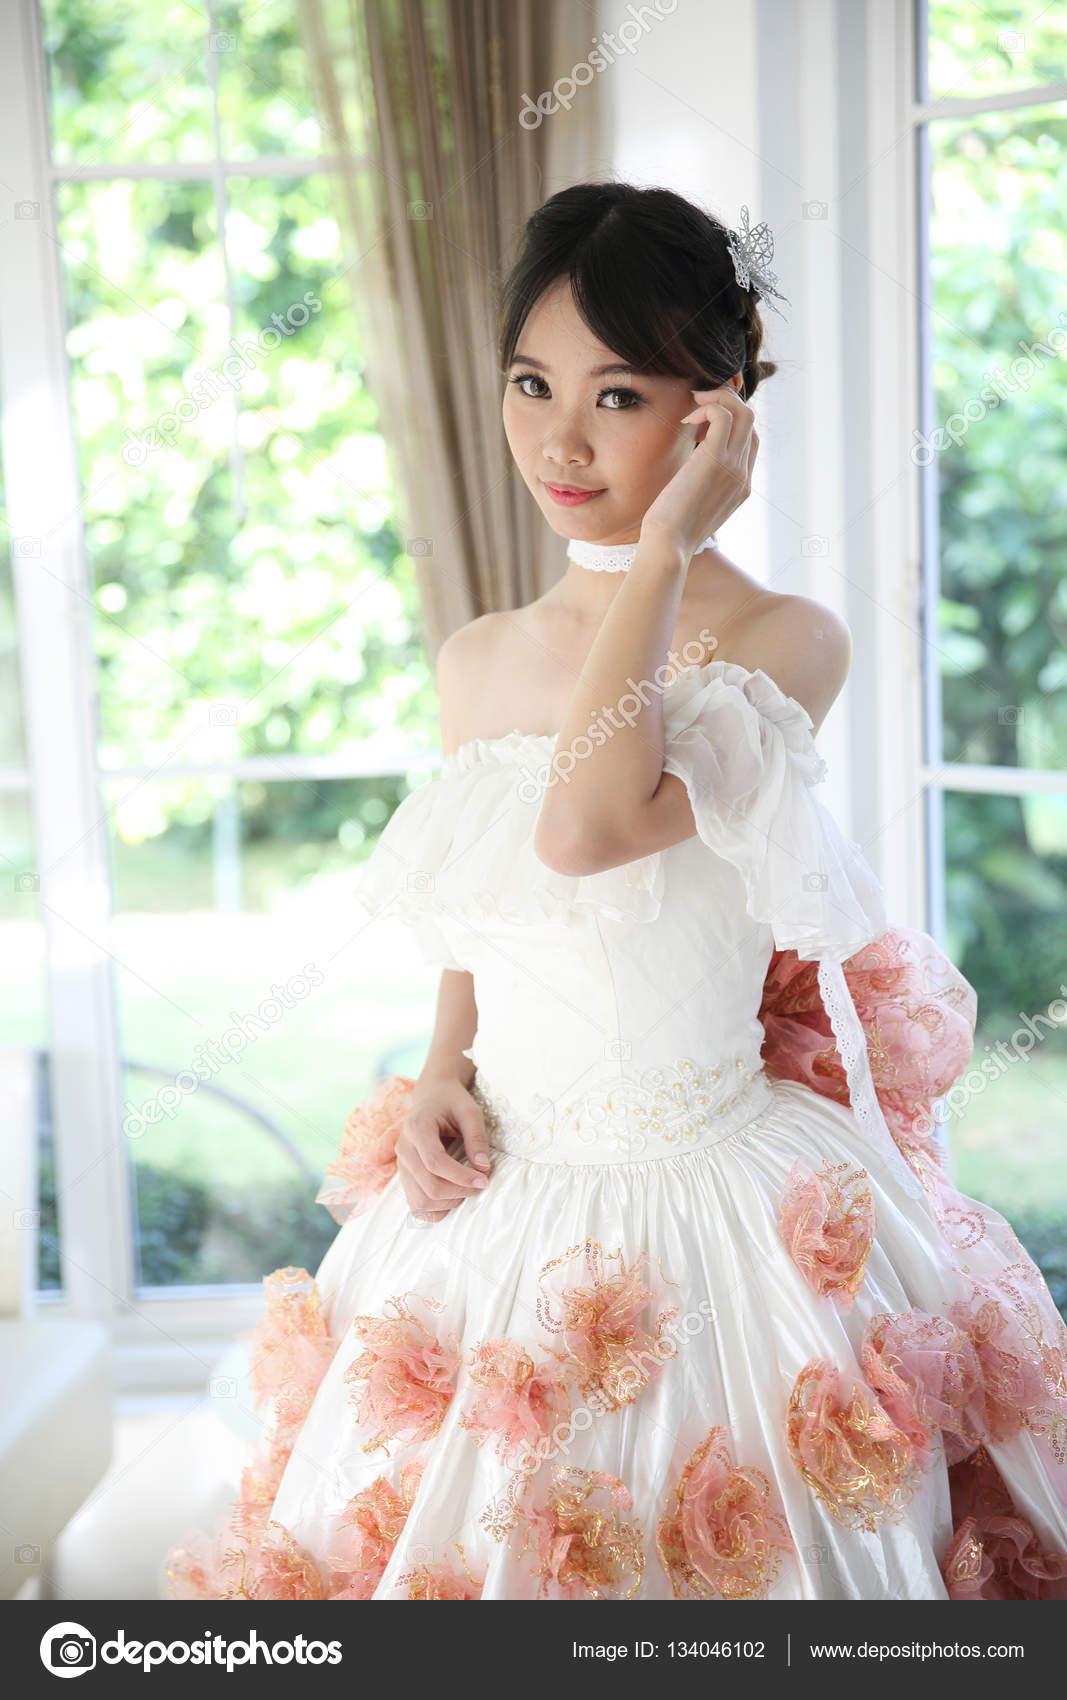 Vestidos blancos moda asiatica